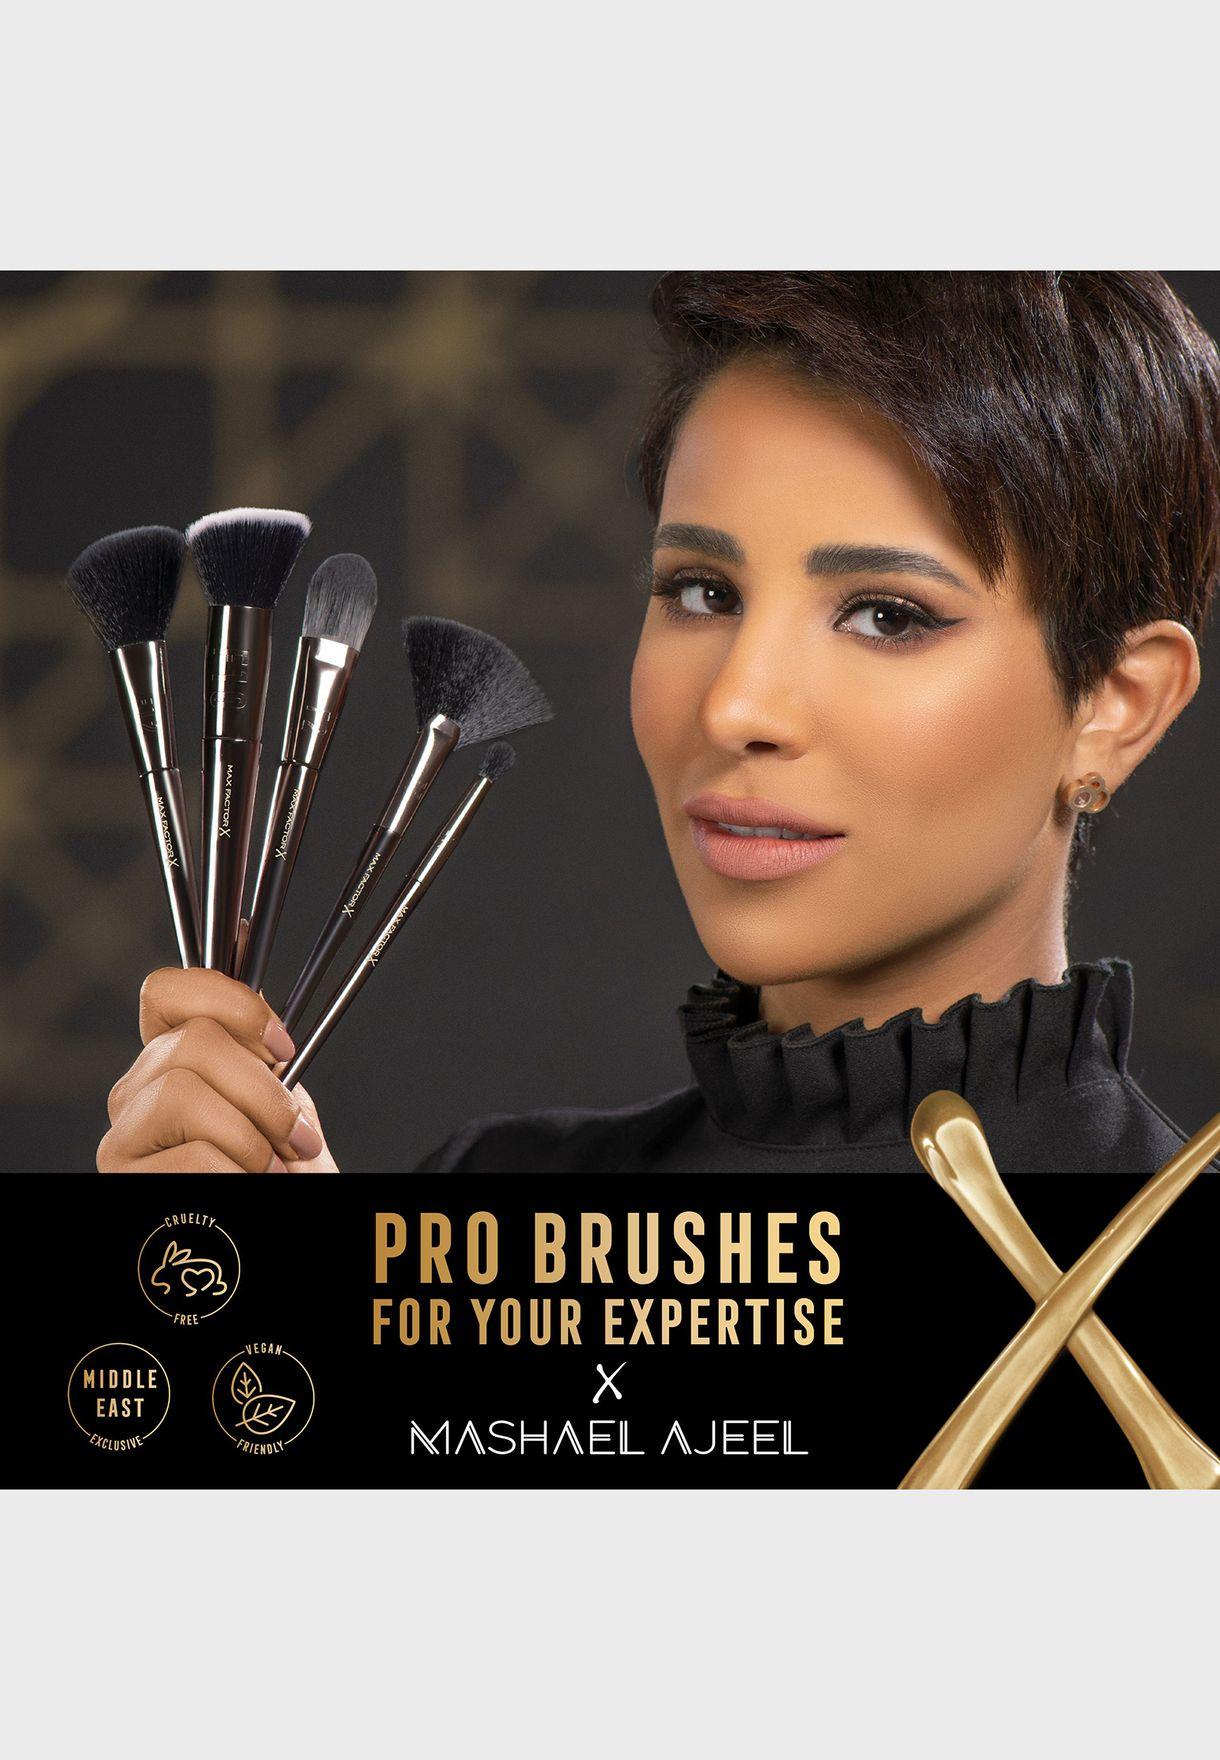 Pro Foundation Brush F2 by Mashael Ajeel